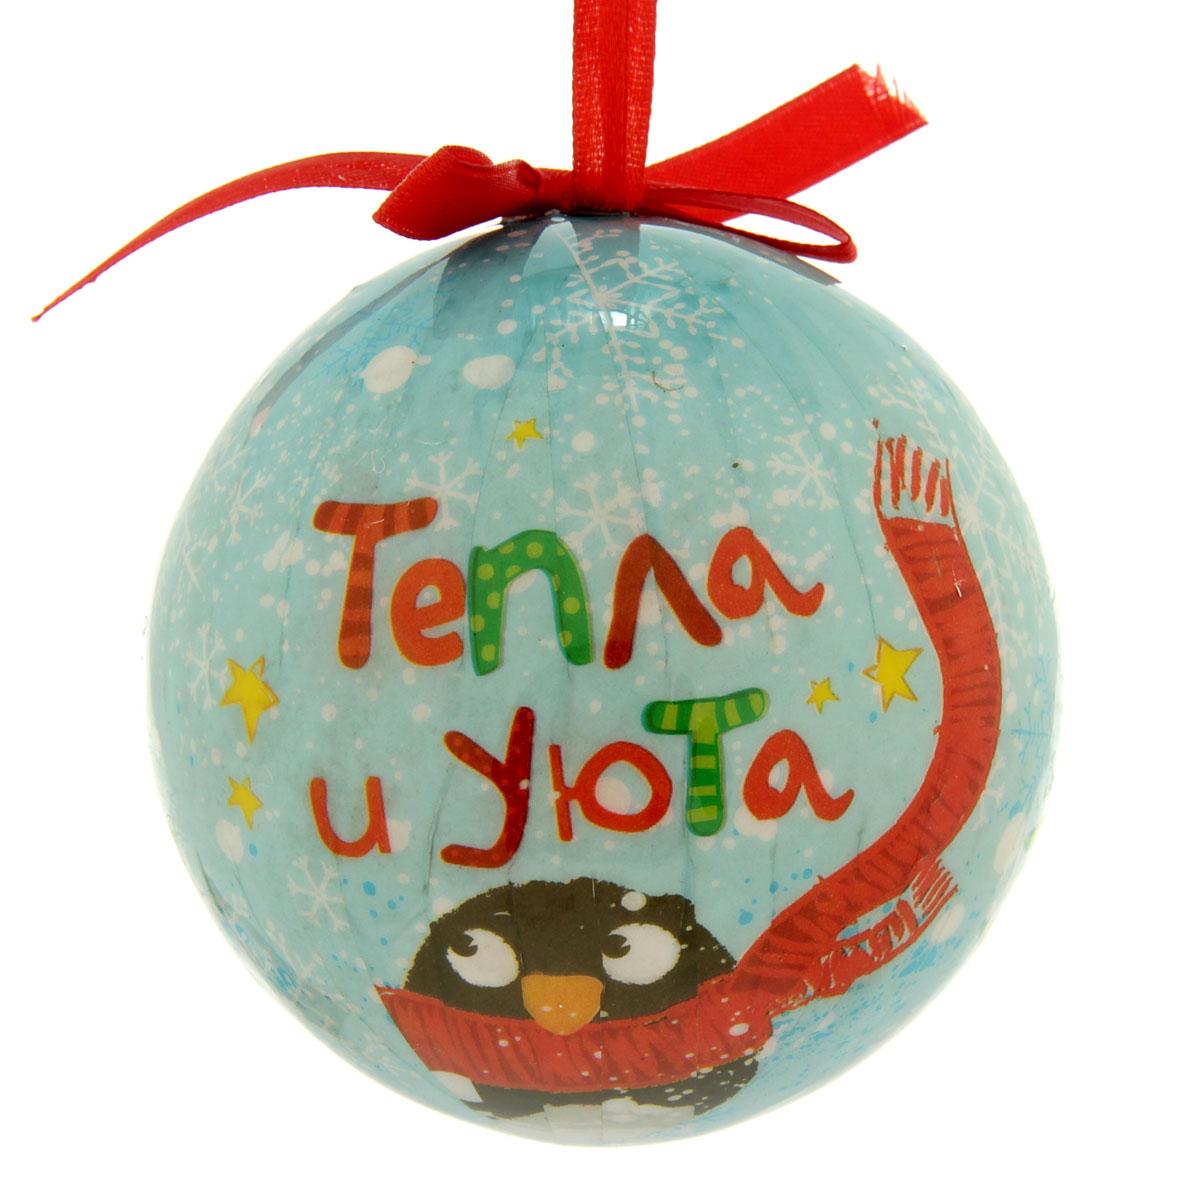 Новогоднее подвесное украшение Sima-land Шар Тепла и уюта, диаметр 10 см. 279353279353Новогоднее подвесное украшение Sima-land выполнено из высококачественного пенопласта в форме шара и покрыто цветной пленкой. Шар декорирован новогодним рисунком, пожеланием и текстильным бантом. С помощью специальной петельки украшение можно повесить в любом понравившемся вам месте. Но, конечно, удачнее всего такой набор будет смотреться на праздничной елке.Елочная игрушка - символ Нового года. Она несет в себе волшебство и красоту праздника. Создайте в своем доме атмосферу веселья и радости, украшая новогоднюю елку нарядными игрушками, которые будут из года в год накапливать теплоту воспоминаний. Материал: пенопласт, пленка, текстиль.